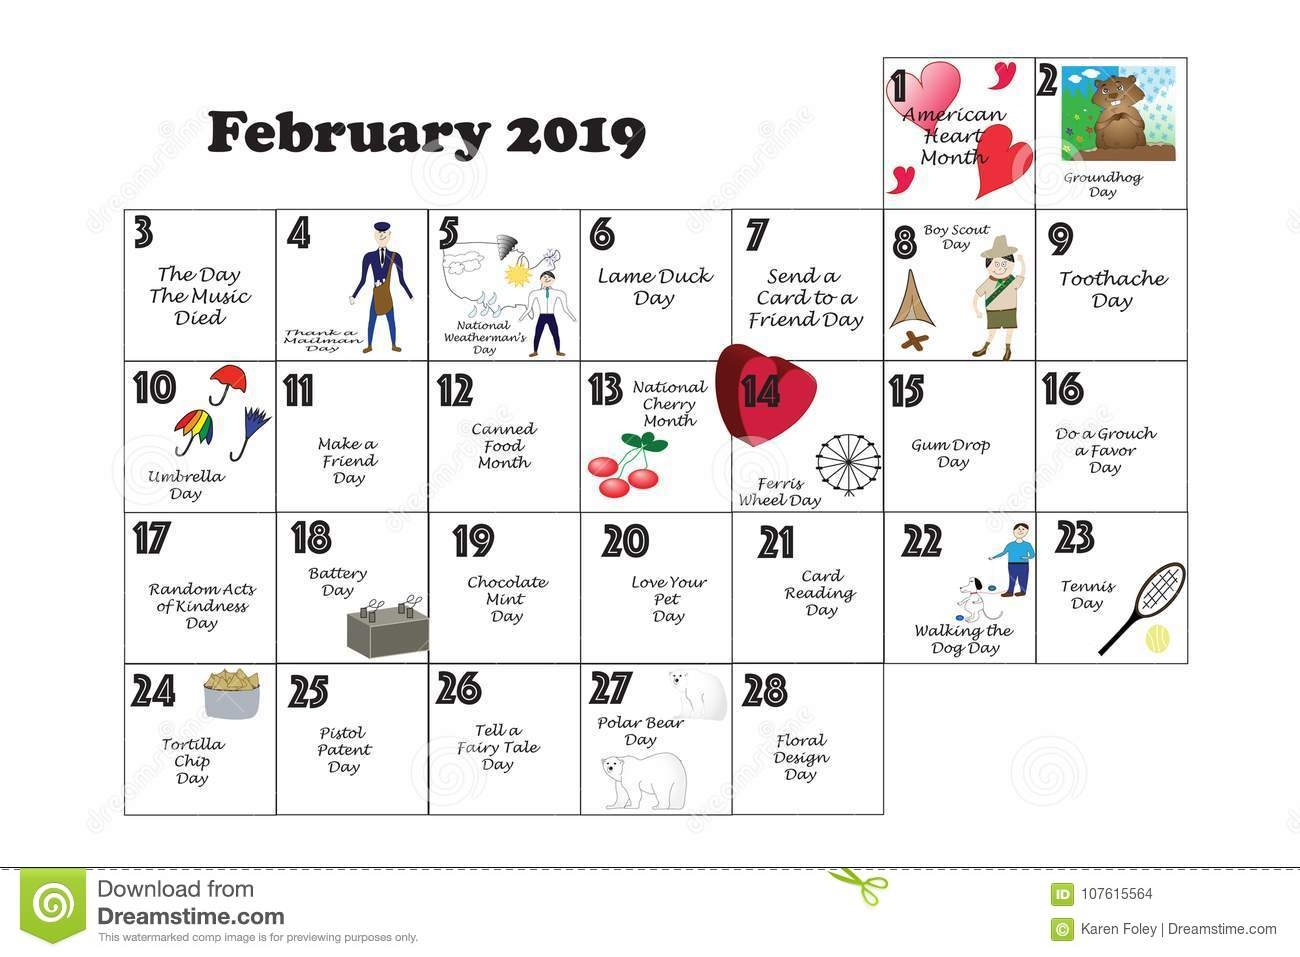 February 2019 Calendar Events